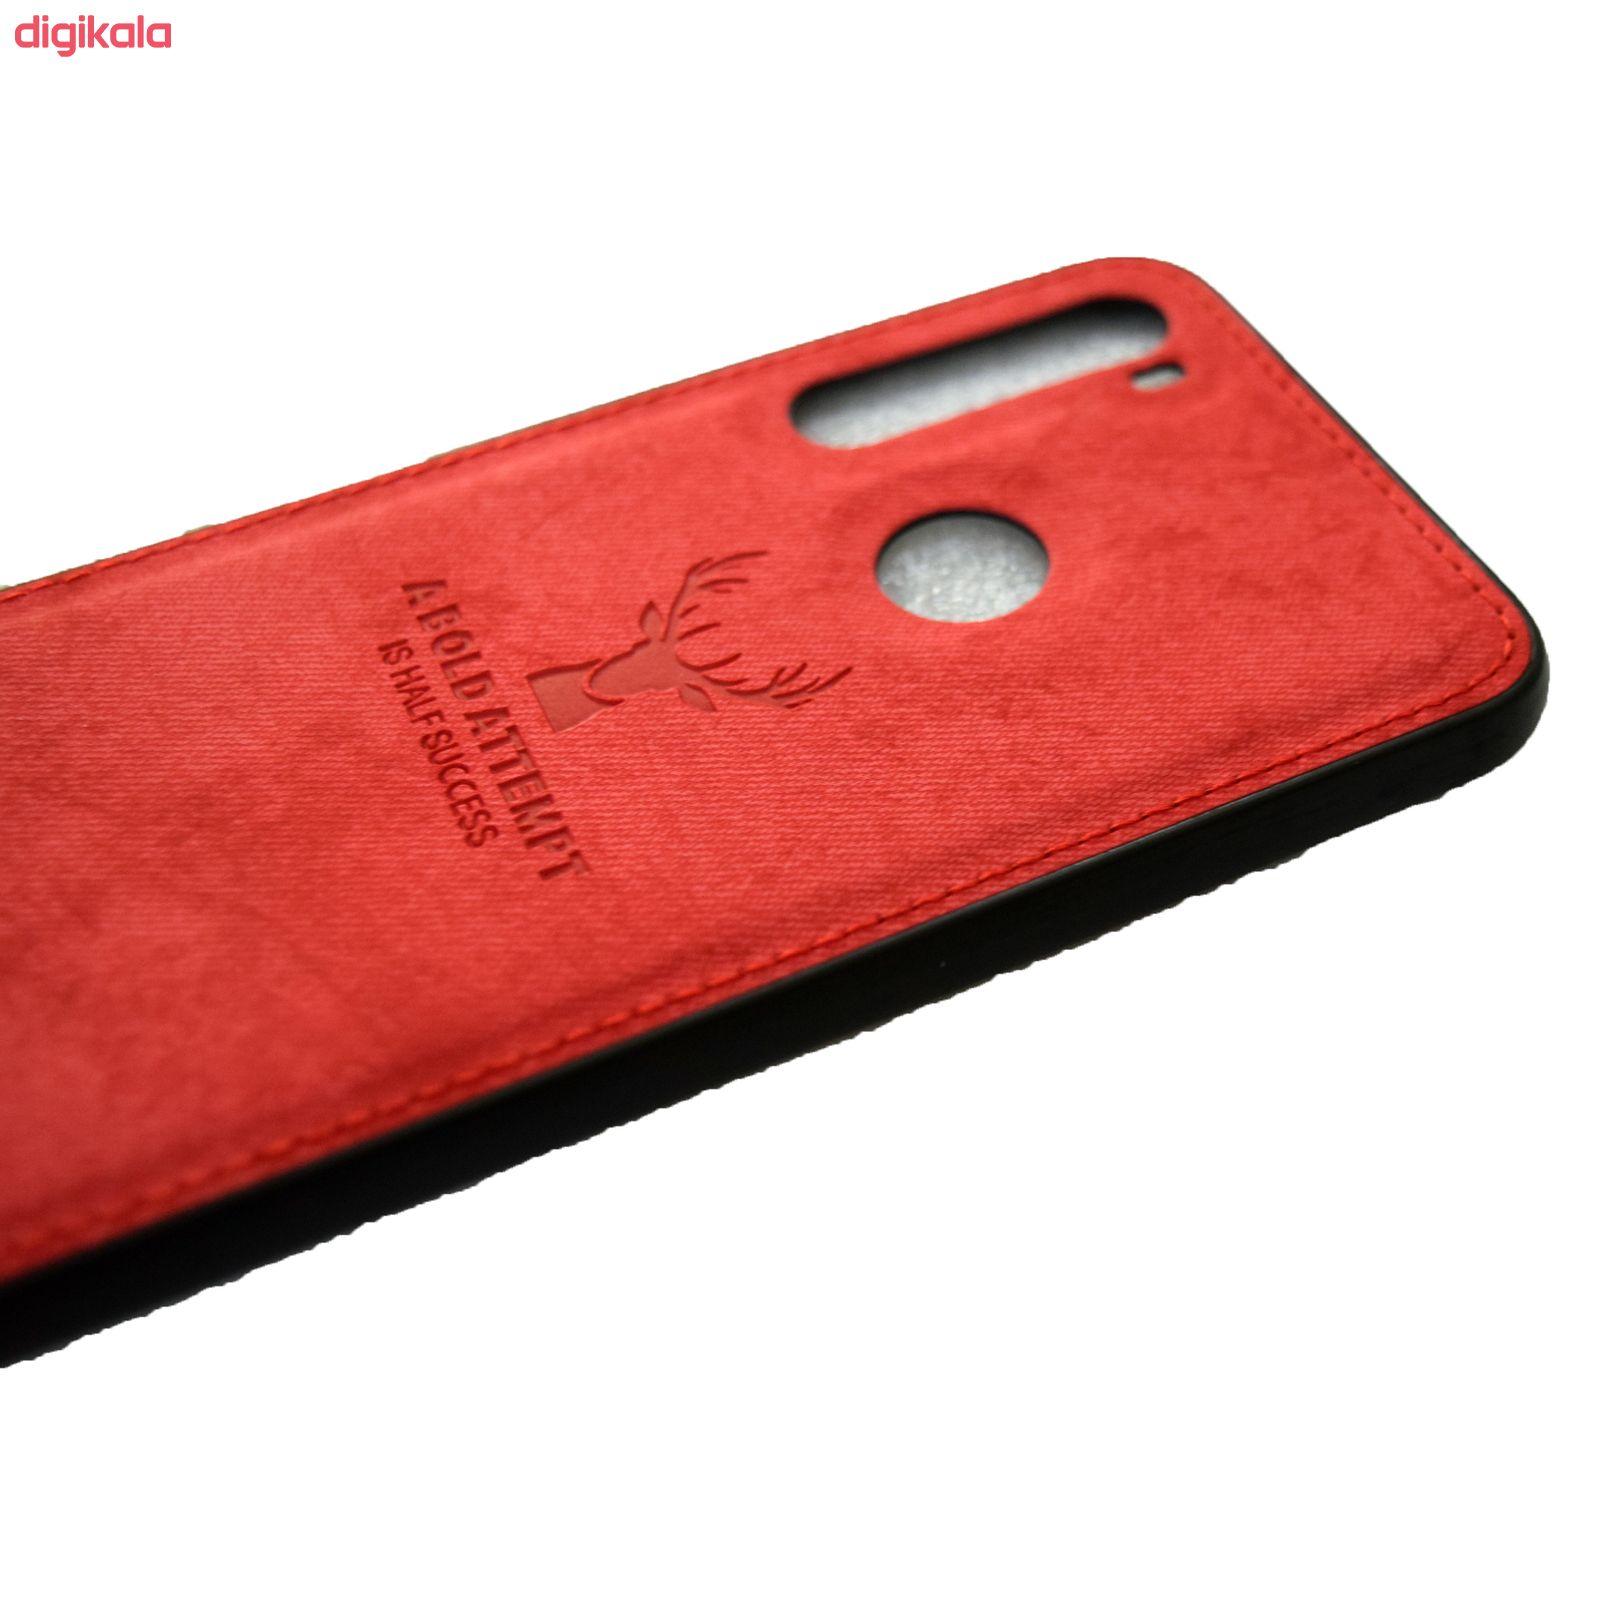 کاور مدل DR20 مناسب برای گوشی موبایل شیائومی Redmi Note 8T main 1 12